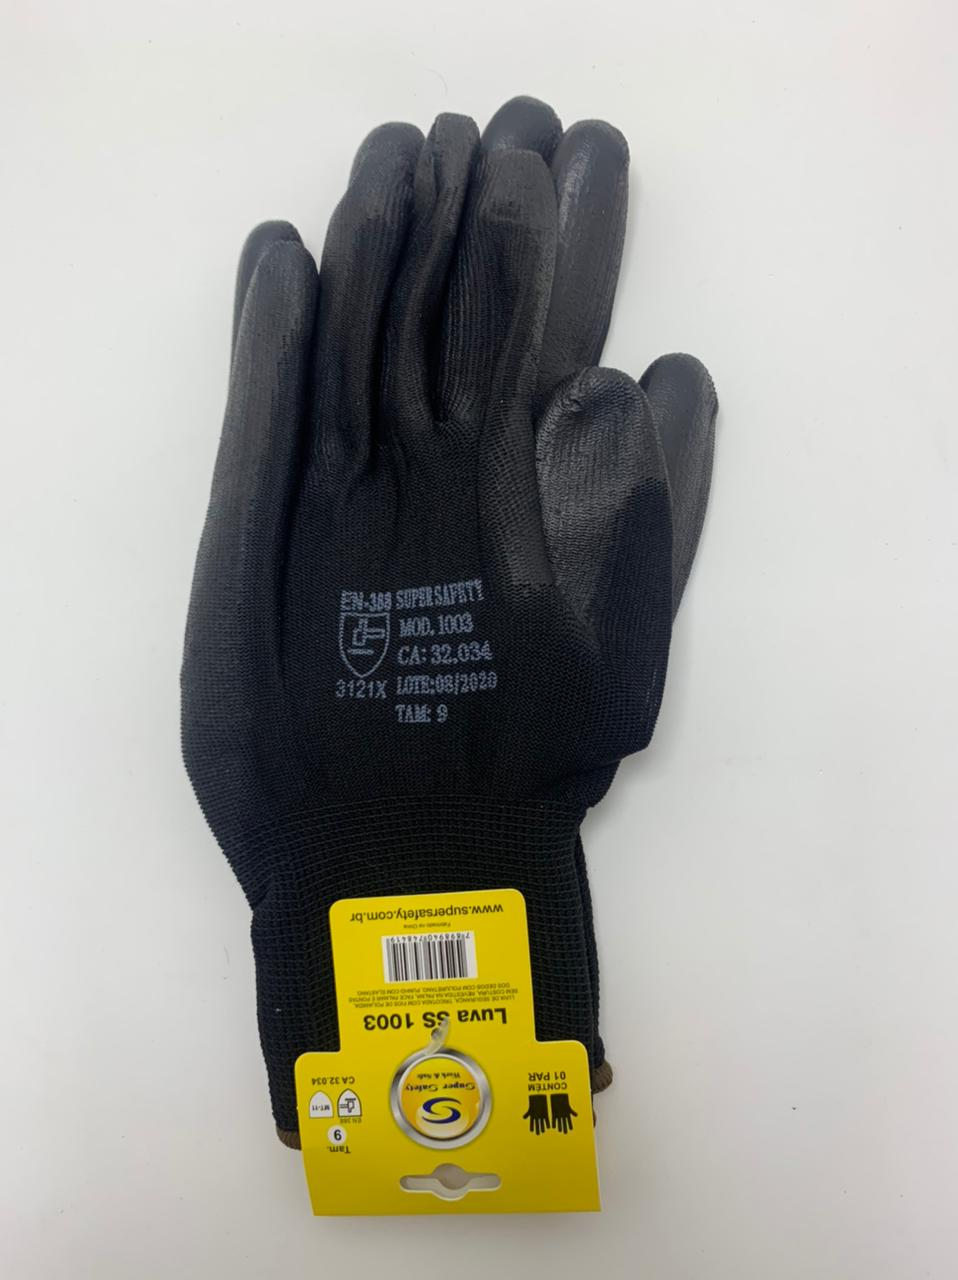 Kit 5 Pares Luva de segurança Super Safety ss1003 PU Preta Tam. 7(P).